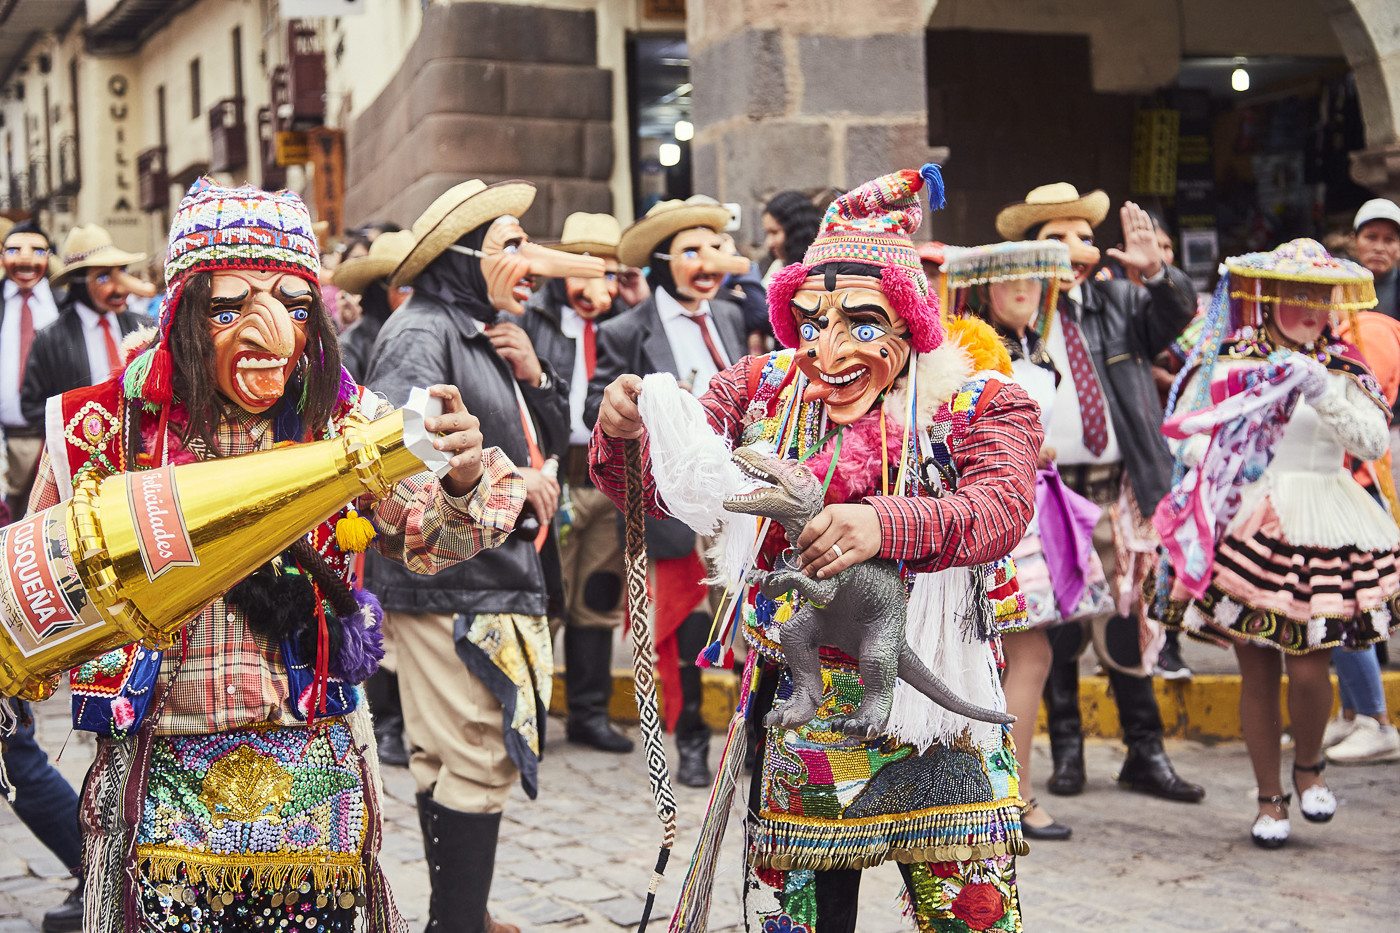 Auch lustige, moderne Gestalten sieht man auf der Parade: zwei Gestalten mit Masken, die die Zunge zeigen, Mützen, einer großen Flasche Champagner und einem T-Rex in der Hand